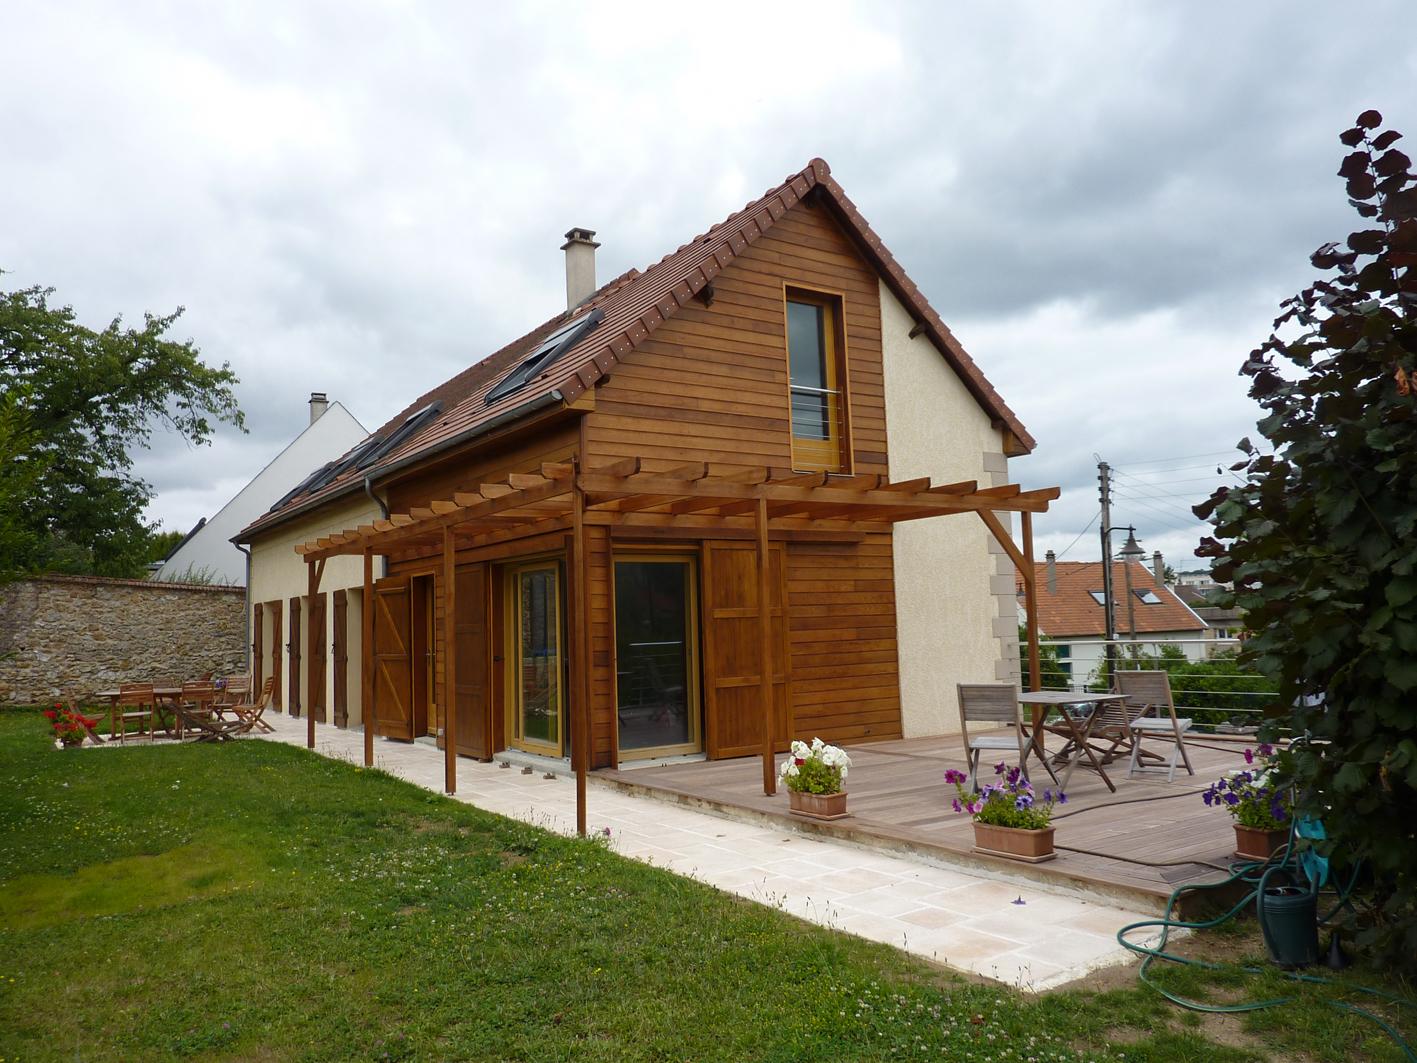 Maison bois yvelines architecte maison bois paris alsace for Entreprise extension maison yvelines